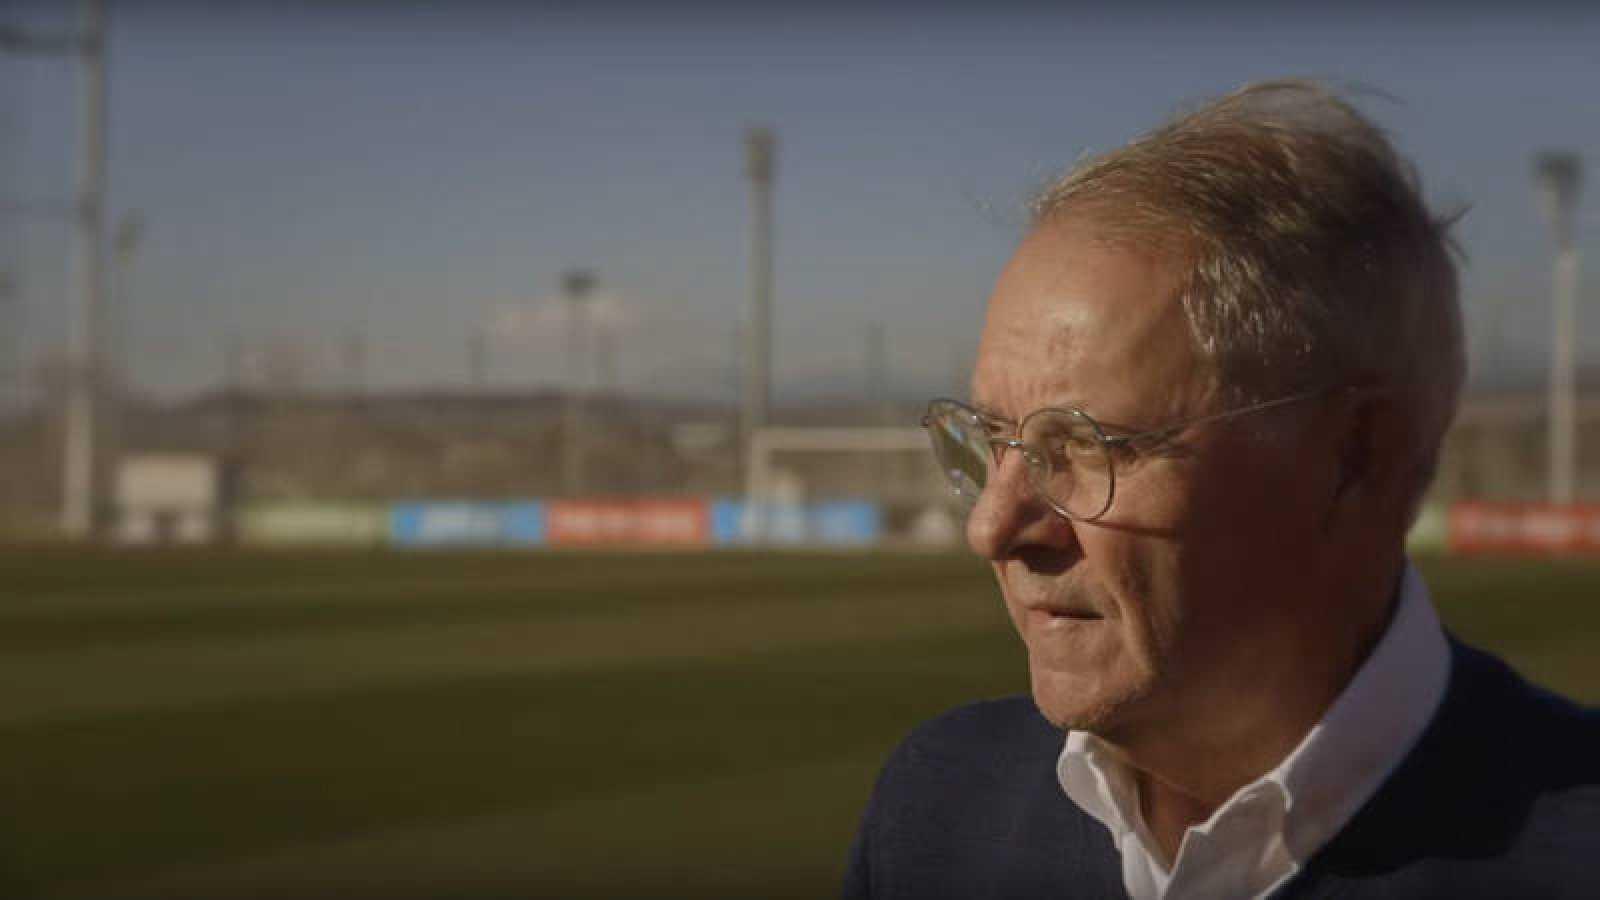 El periodista deportivo José Ángel de la Casa, en un fotograma del documental 'Un señor de la casa'